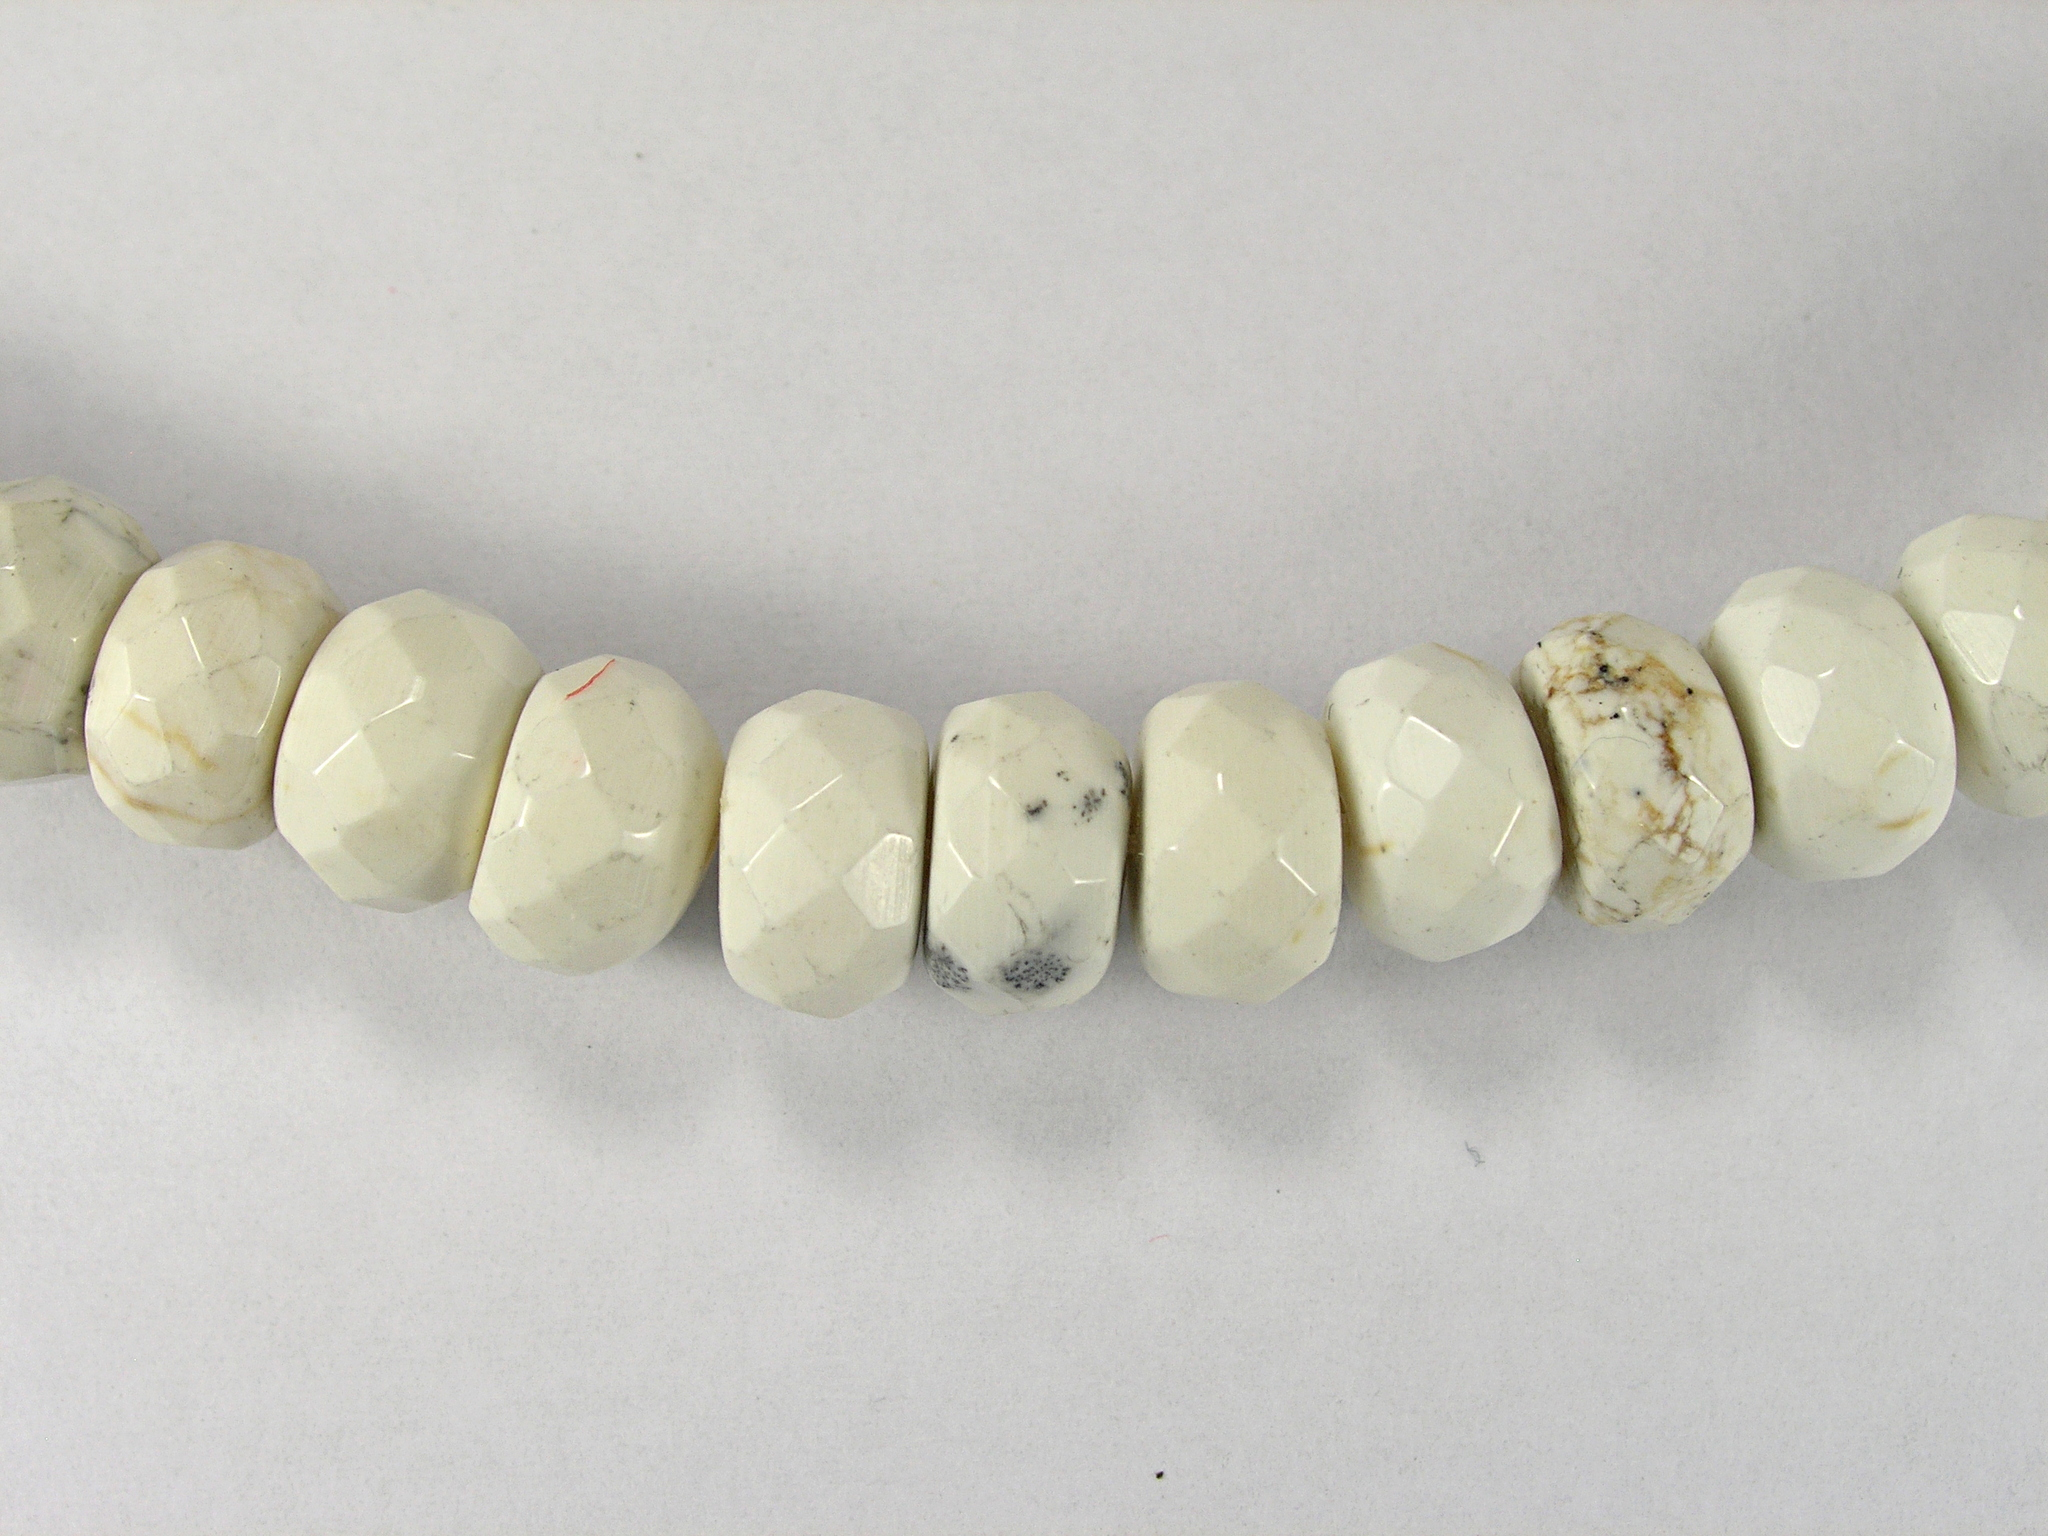 Бусина из магнезита белого, фигурная, 6x10 мм (рондель, граненая)